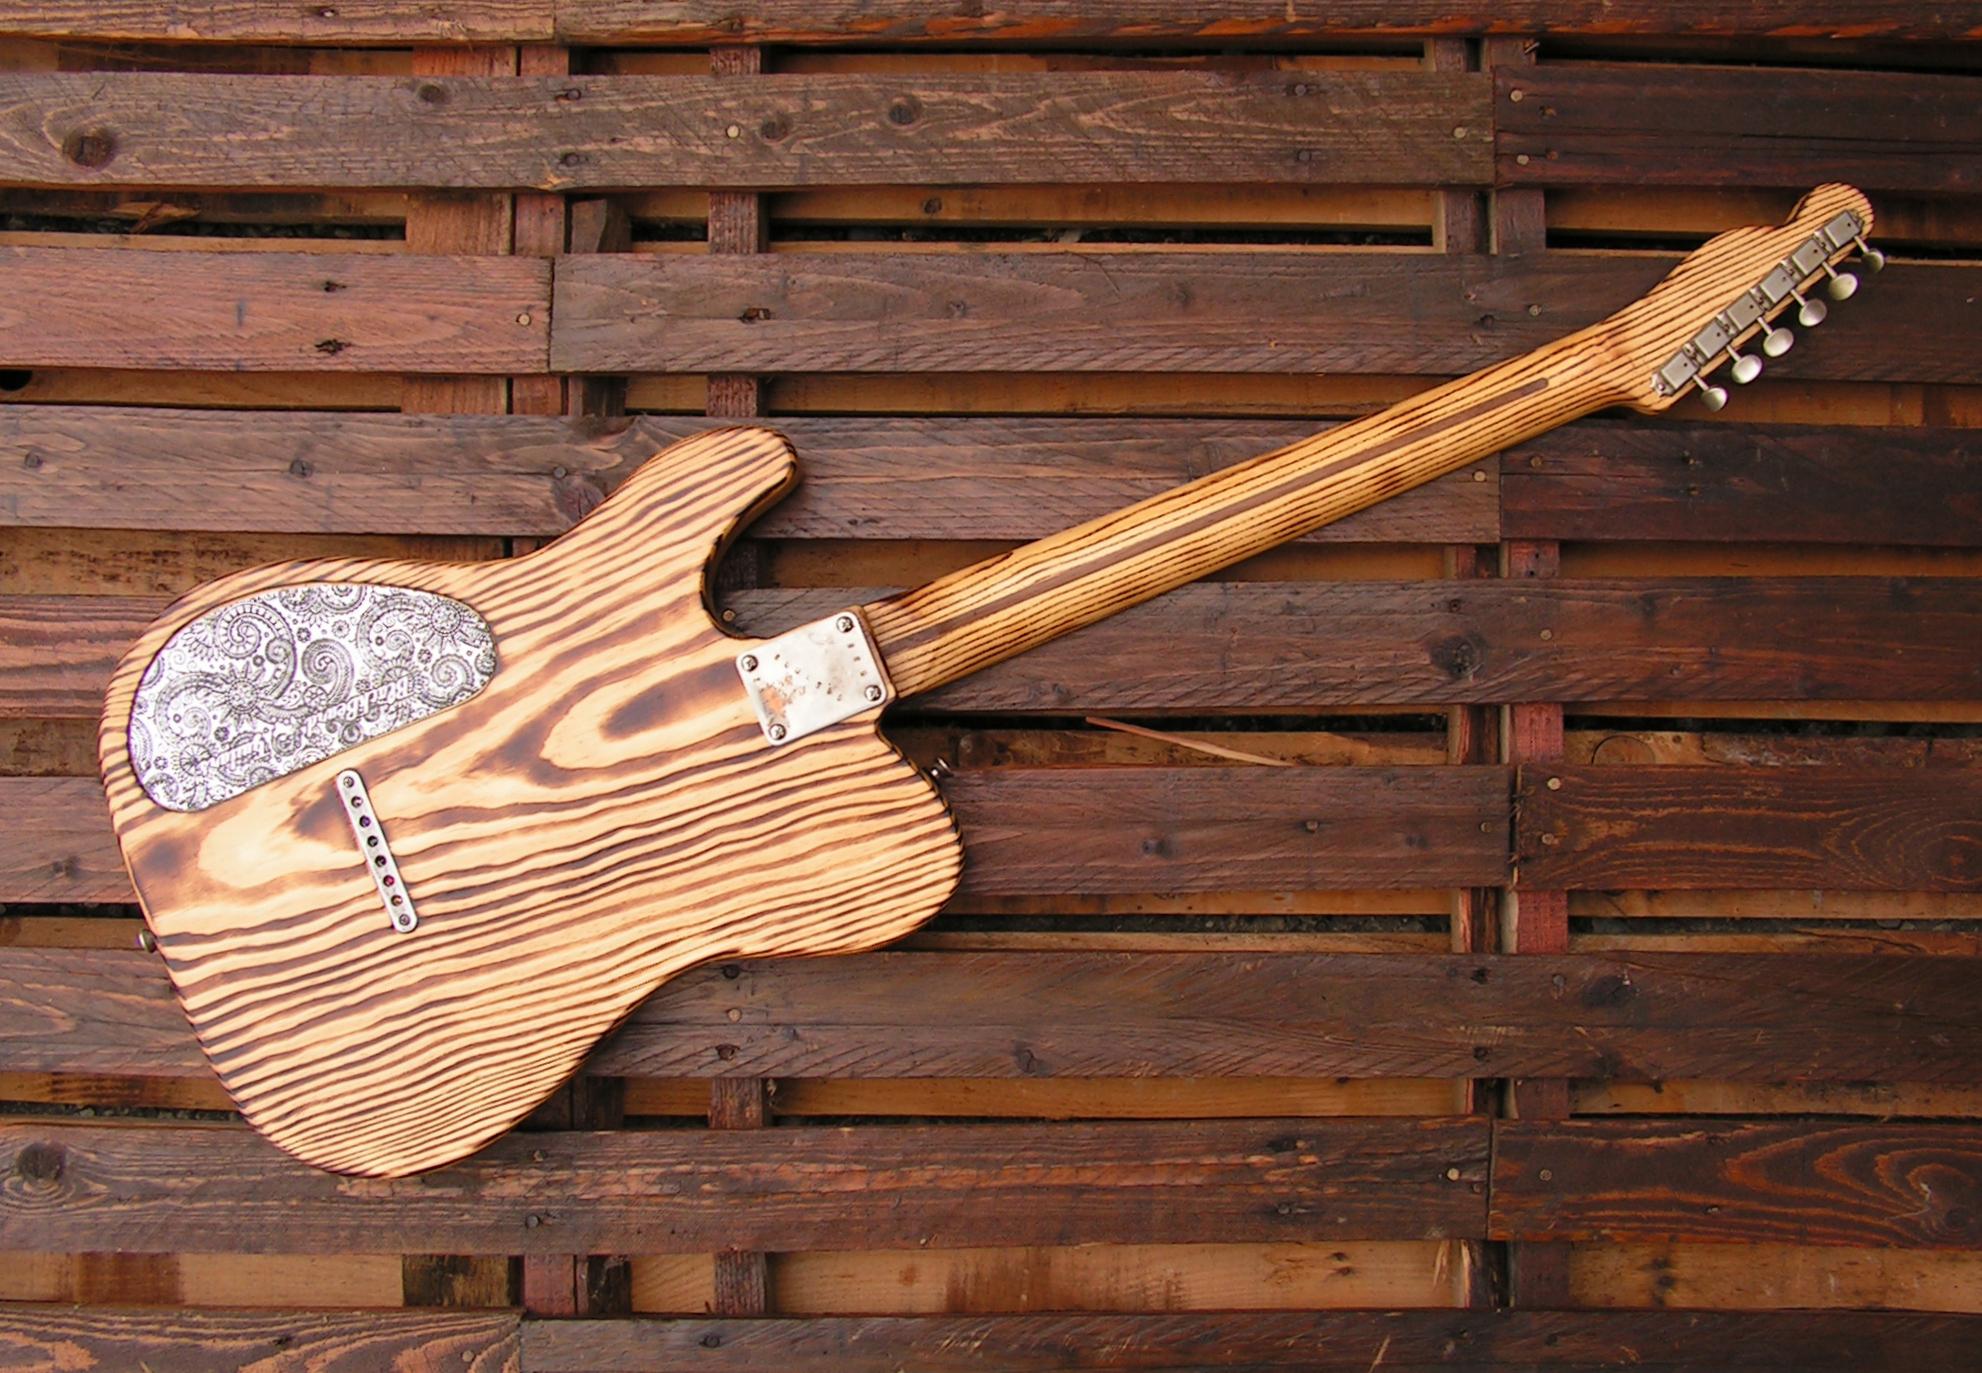 Retro di una chitarra Telecaster in pino roasted